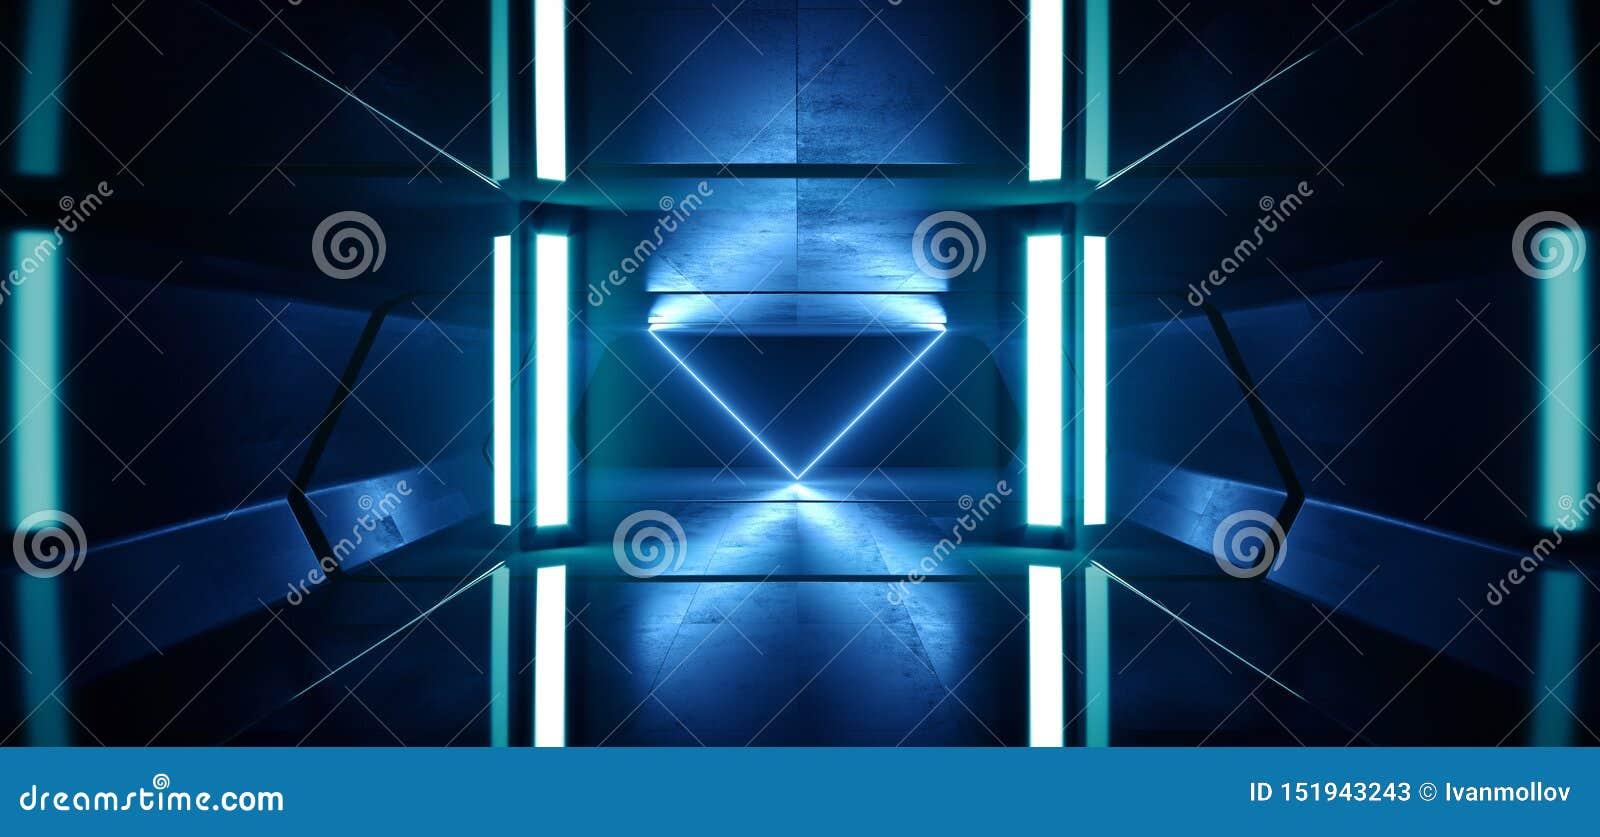 科学幻想小说霓虹灯未来派发光的蓝色激光夜展示隧道走廊反射性具体外籍人太空飞船塑造黑暗